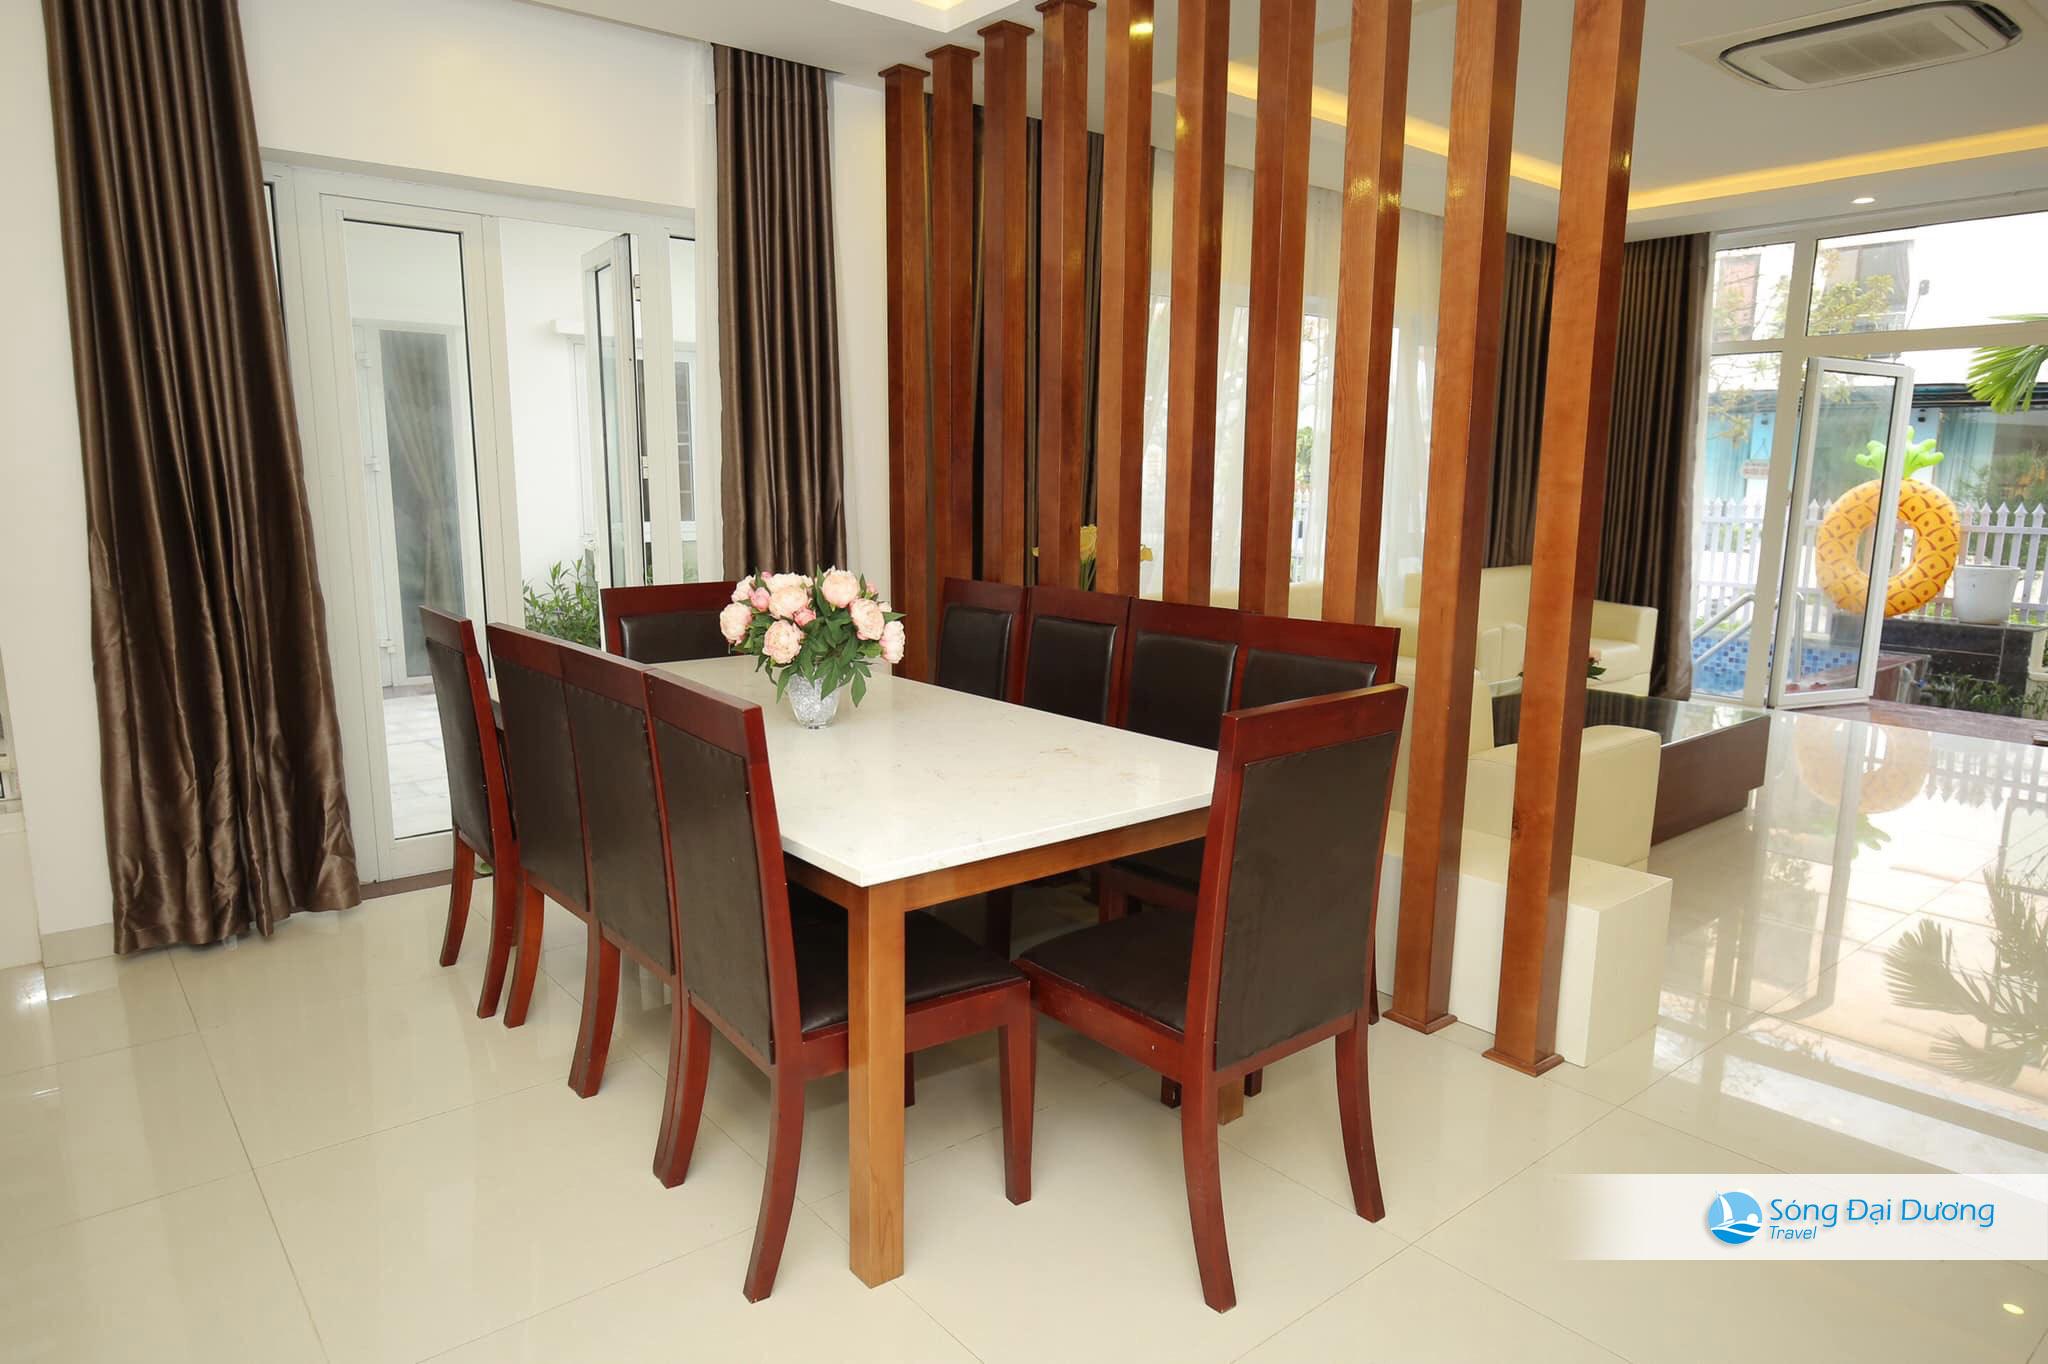 Phòng bếp Villa Ngọc Trai NT64 - NT65